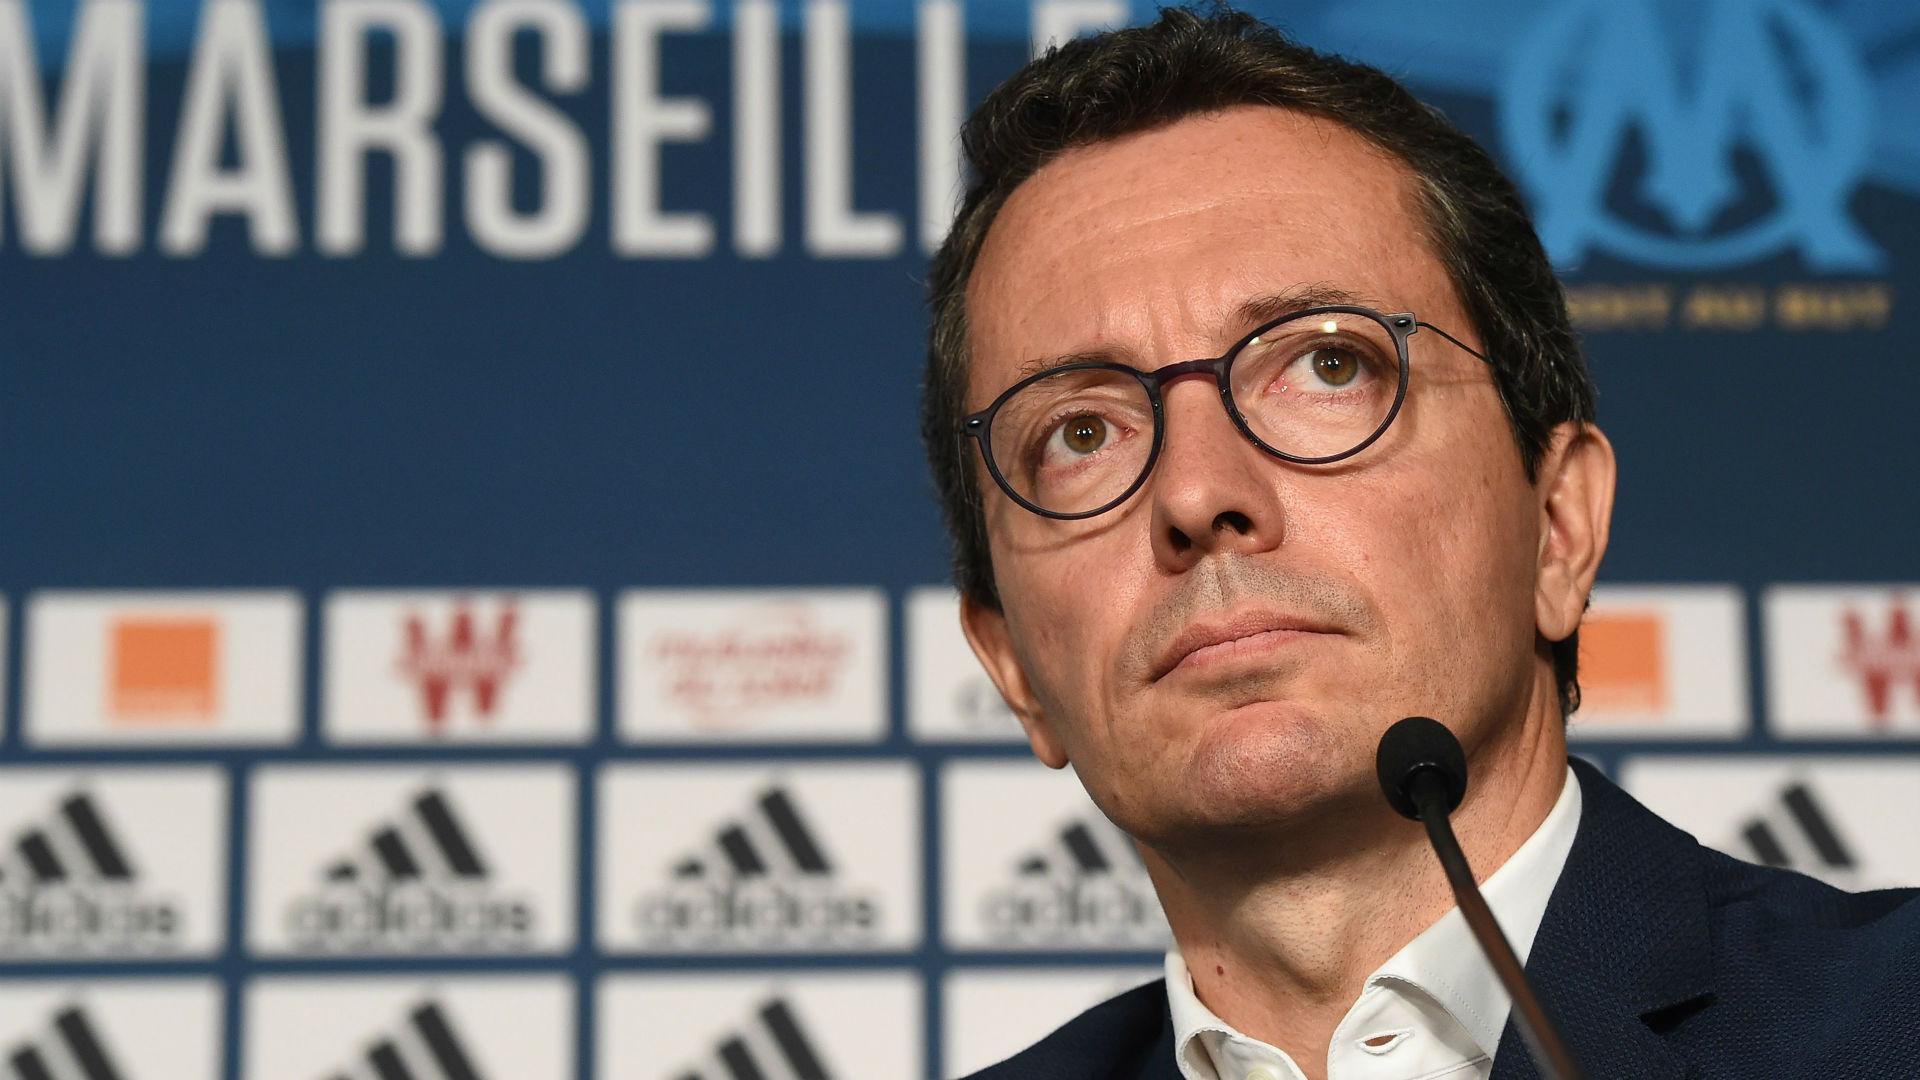 [#OM] Lourde suspension pour Jacques Henri Eyraud